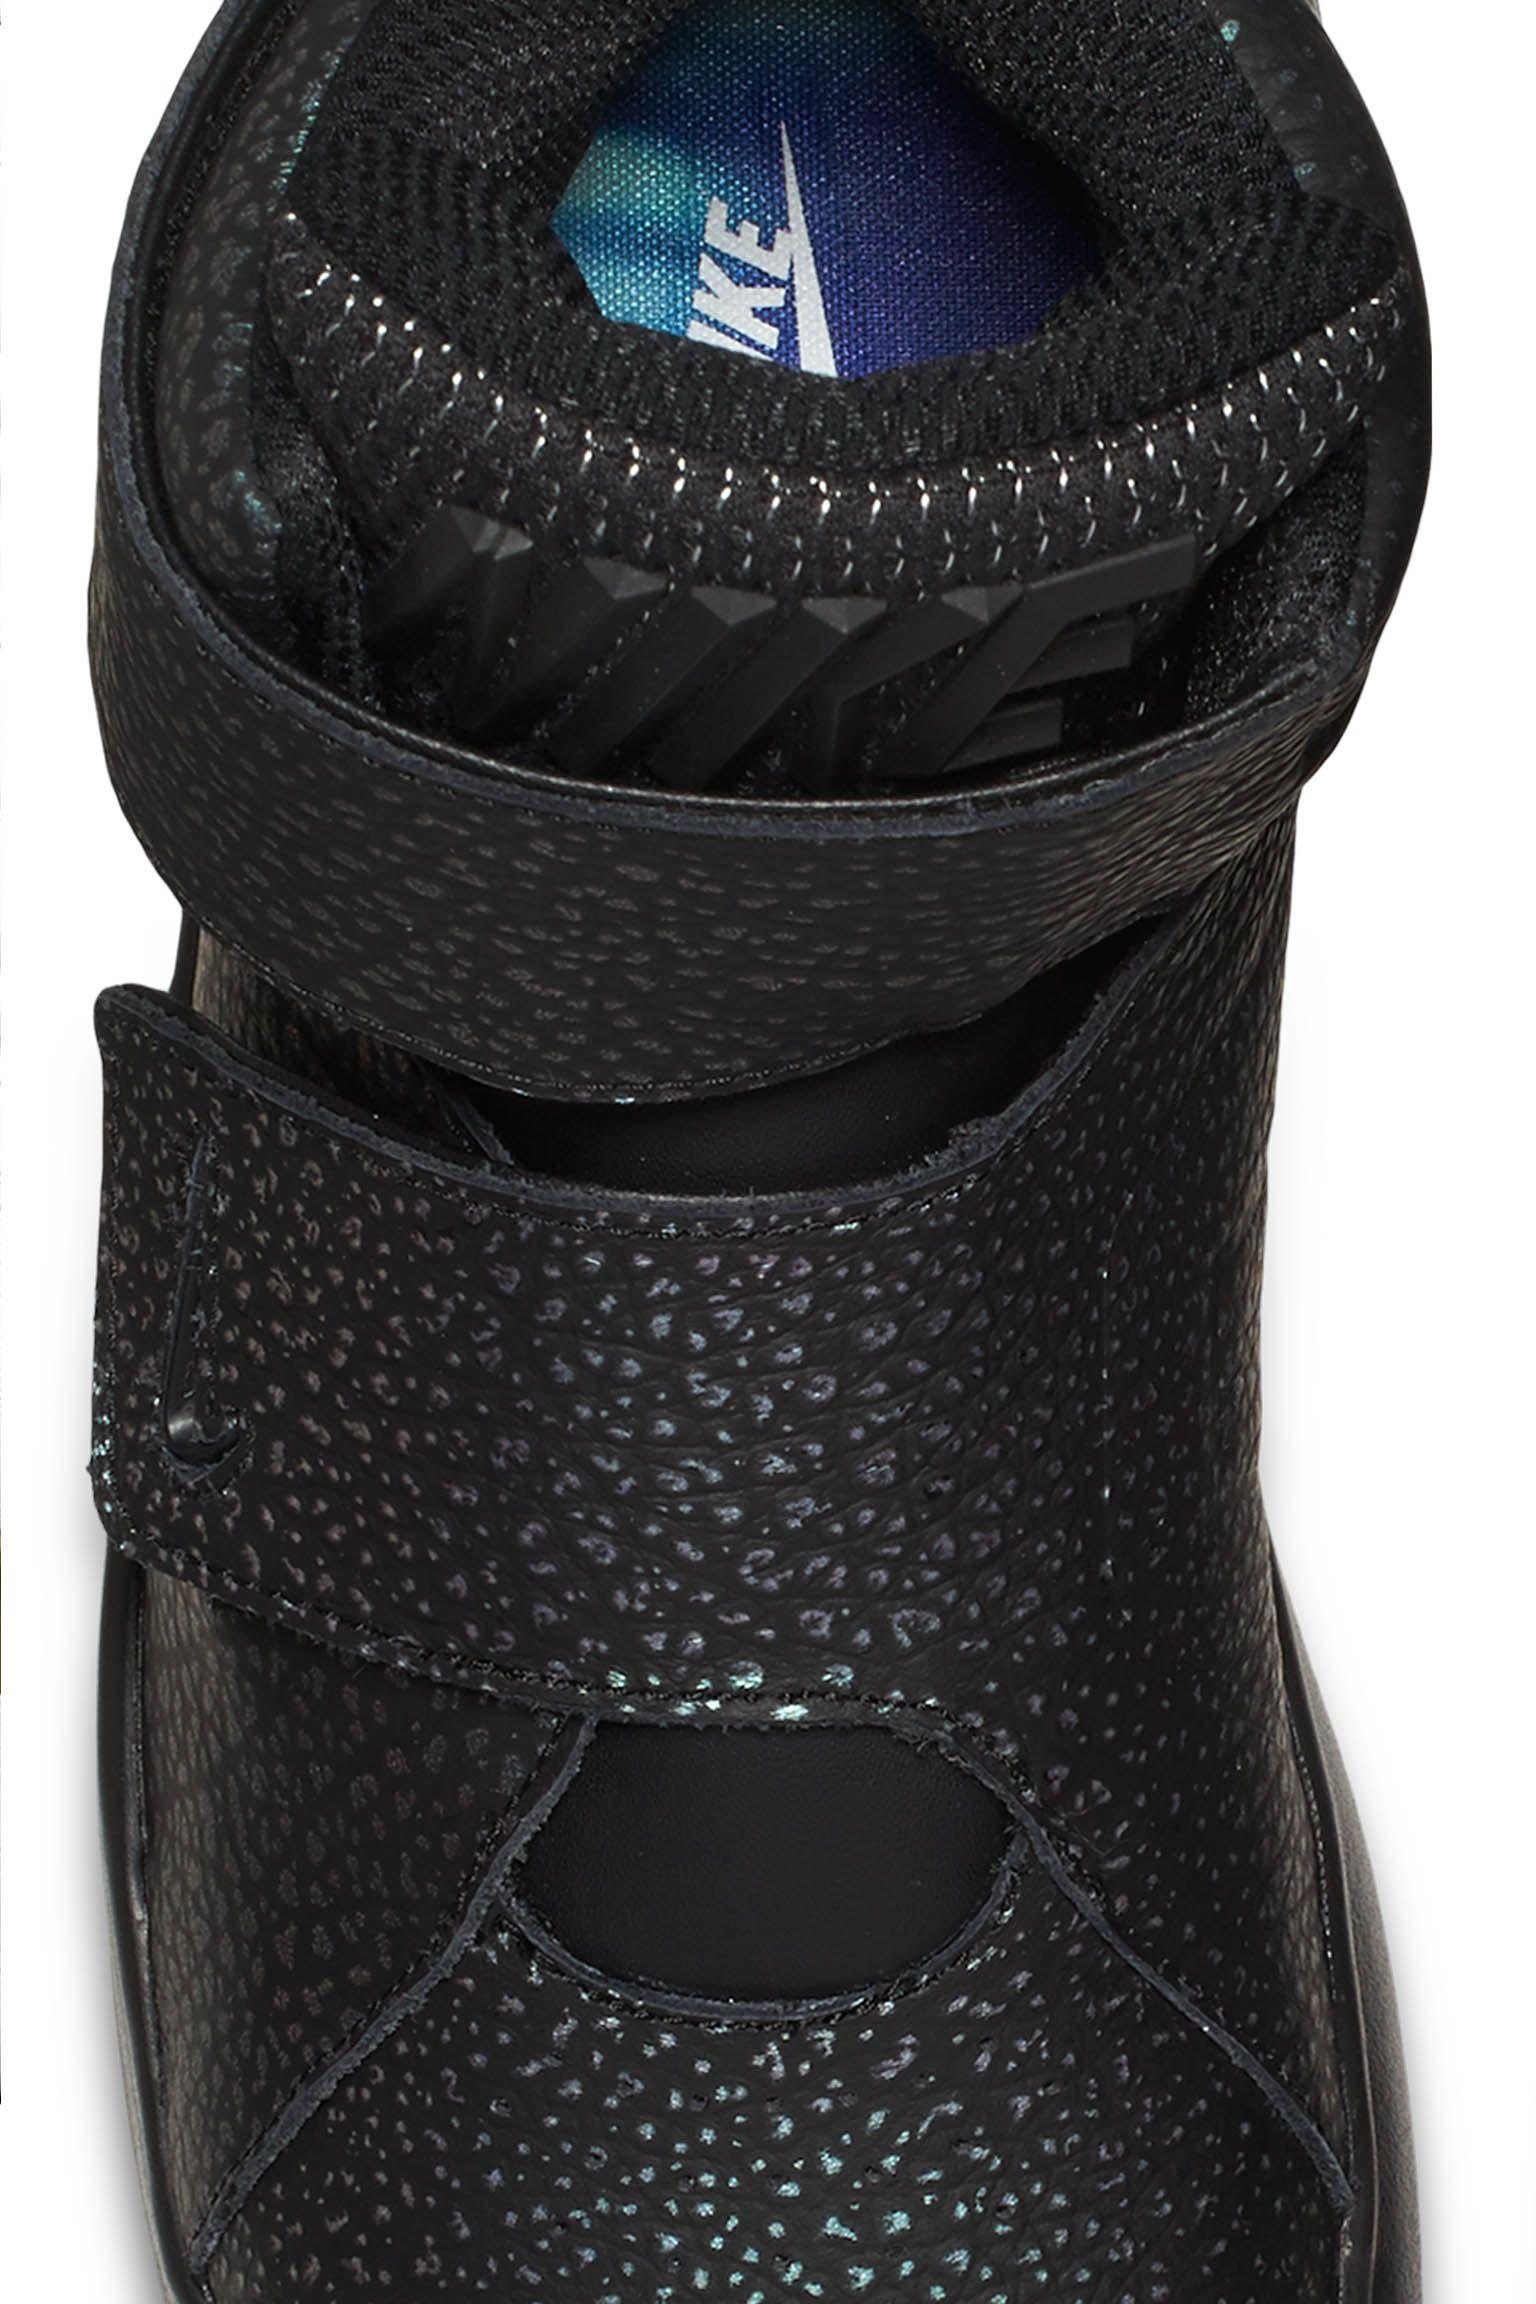 Nike Marxman 'Triple Black' Release Date